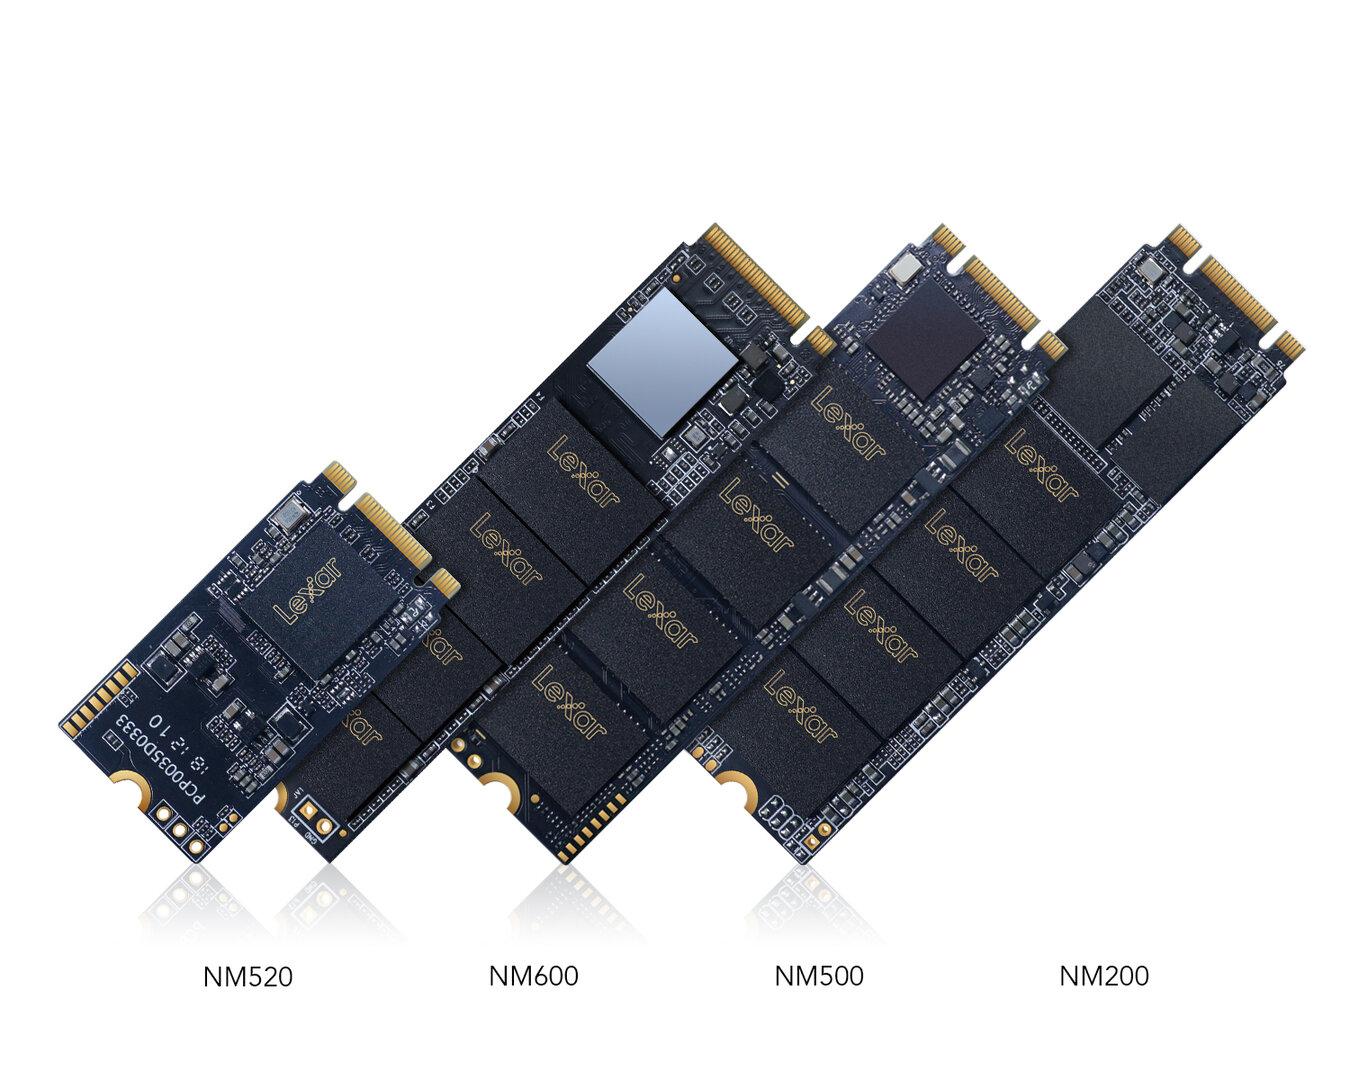 Neue Lexar-SSDs im M.2-Format